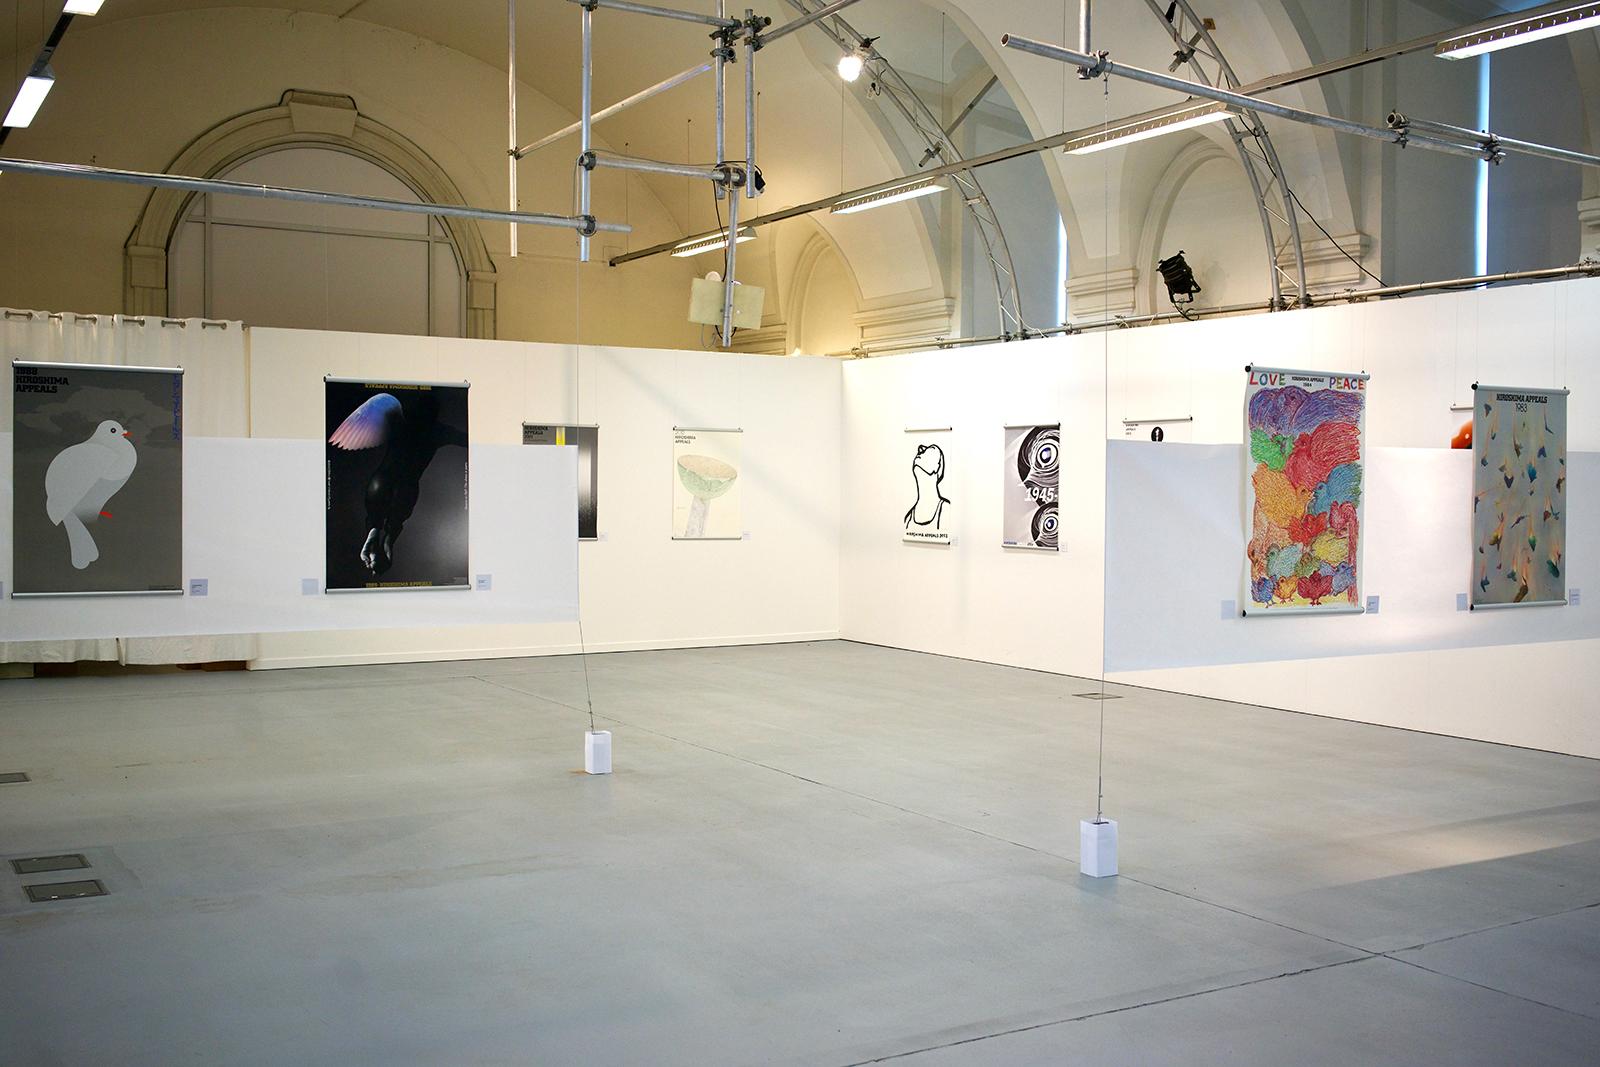 「ヒロシマ・アピールズ」ポスター展、ヨーロッパを巡回  Hiroshima Appeals Posters Exhibition in Europe[2020.6.4更新]